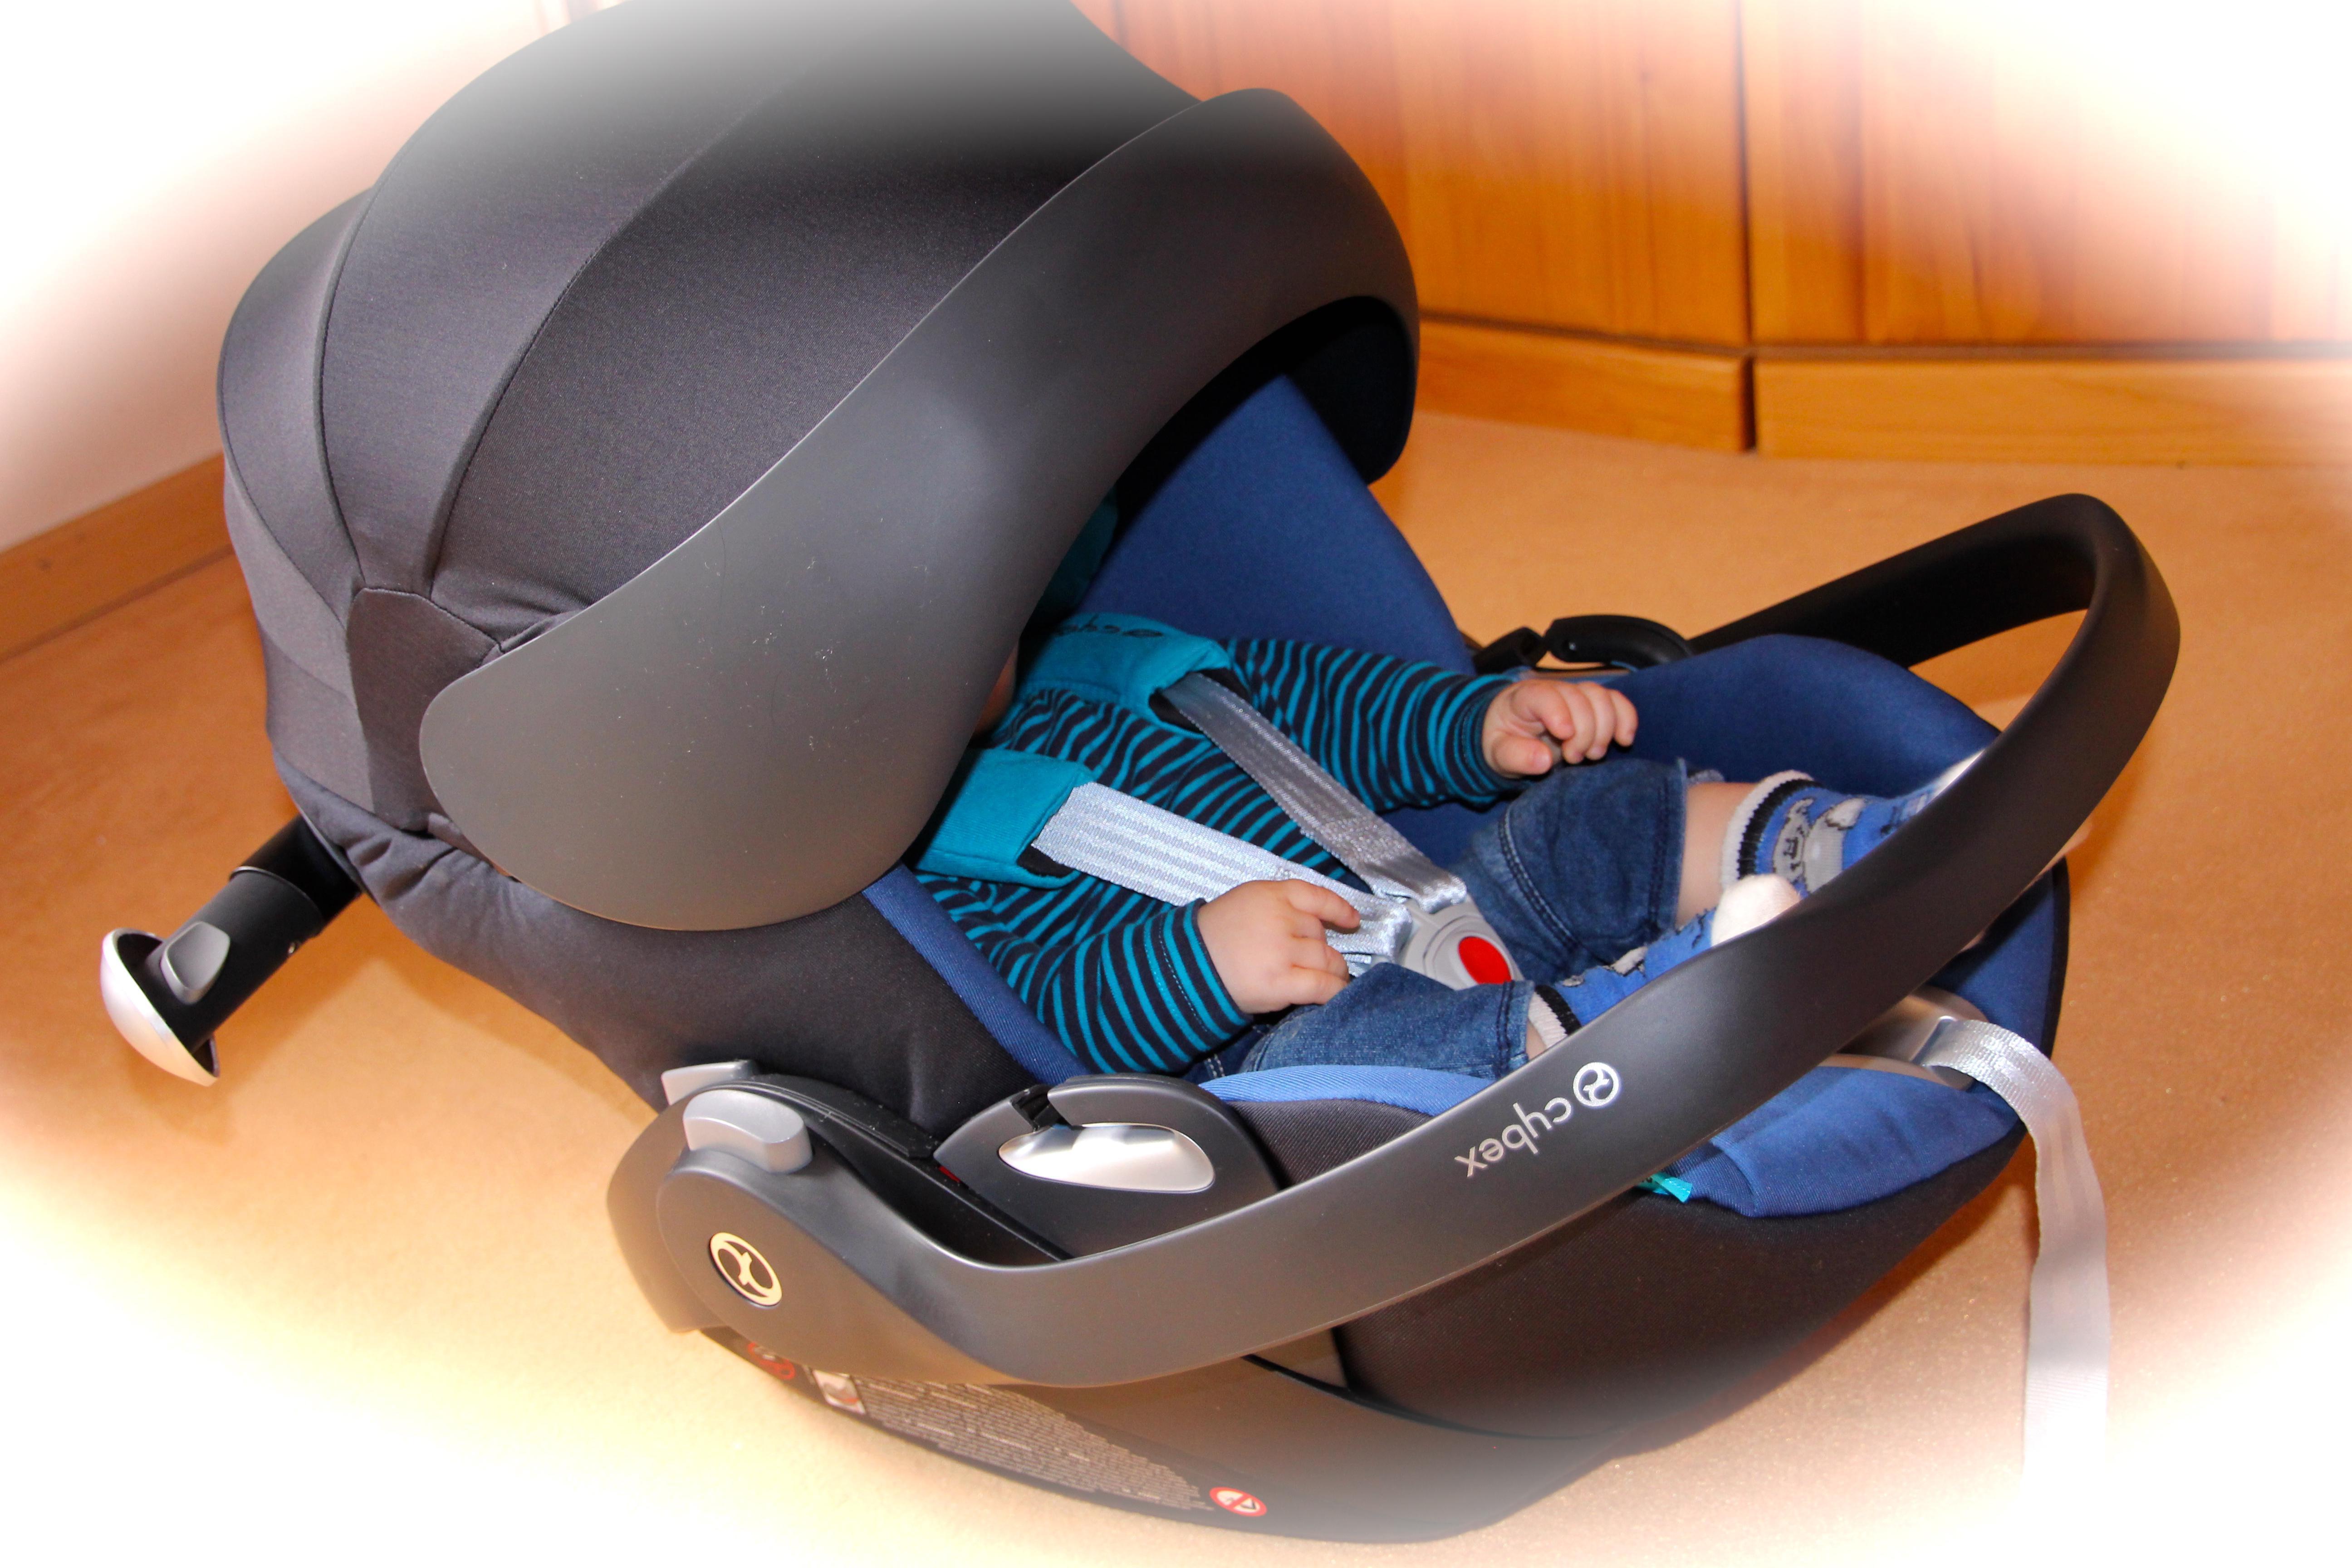 cybex babyschale cloud q kaufen tests bewertungen. Black Bedroom Furniture Sets. Home Design Ideas